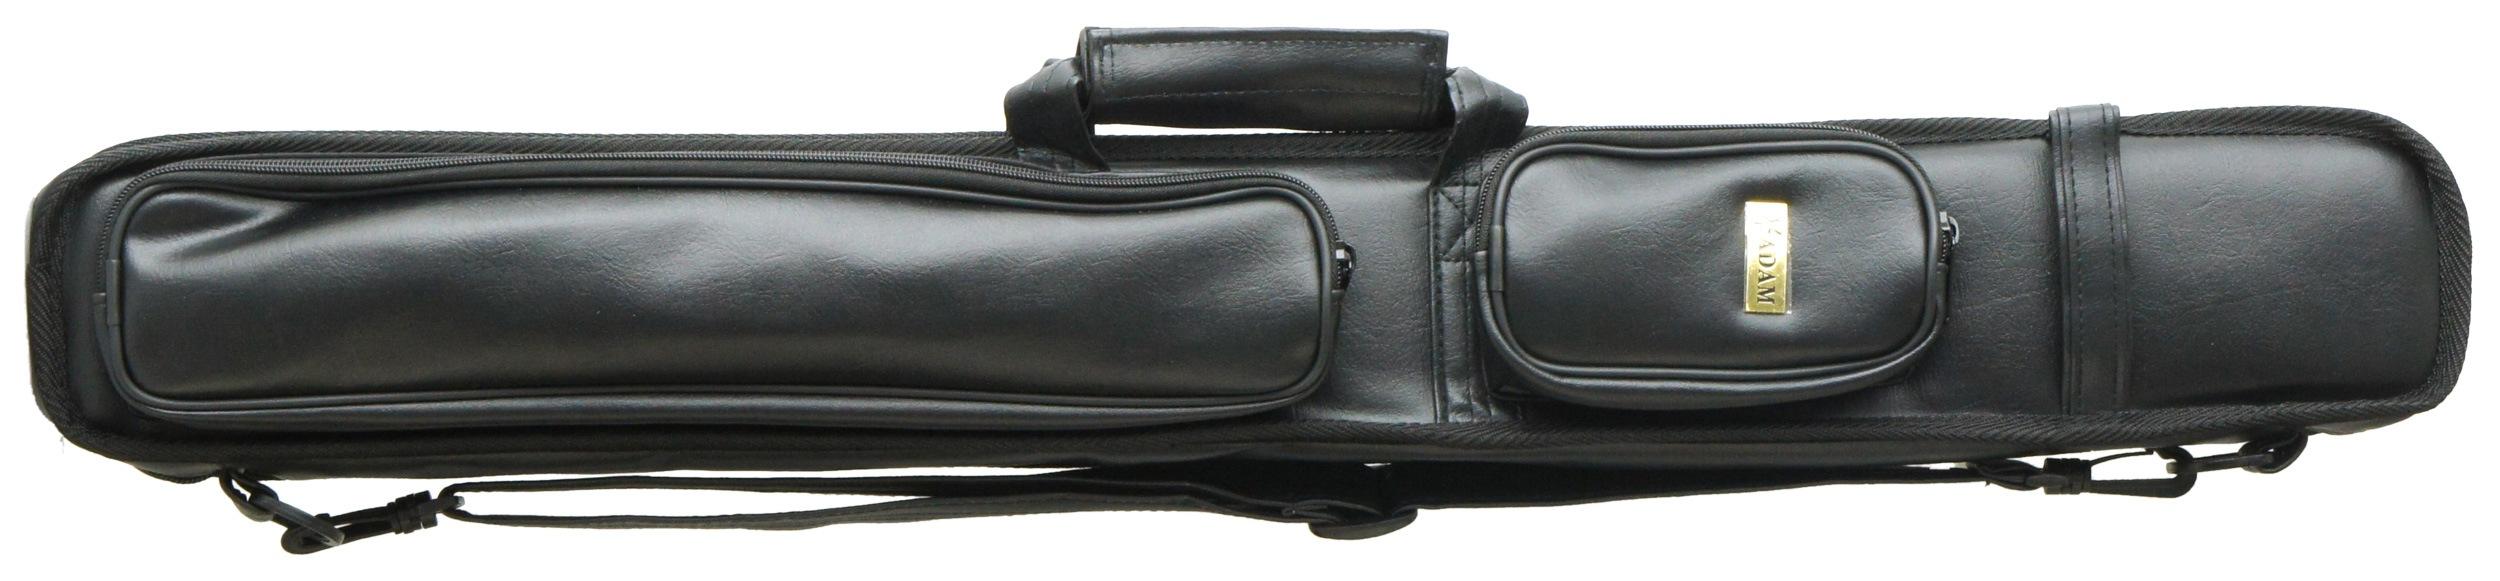 アダム キューケース ソフト sc-24bk 黒 (バット2本シャフト4本収納) 商品画像